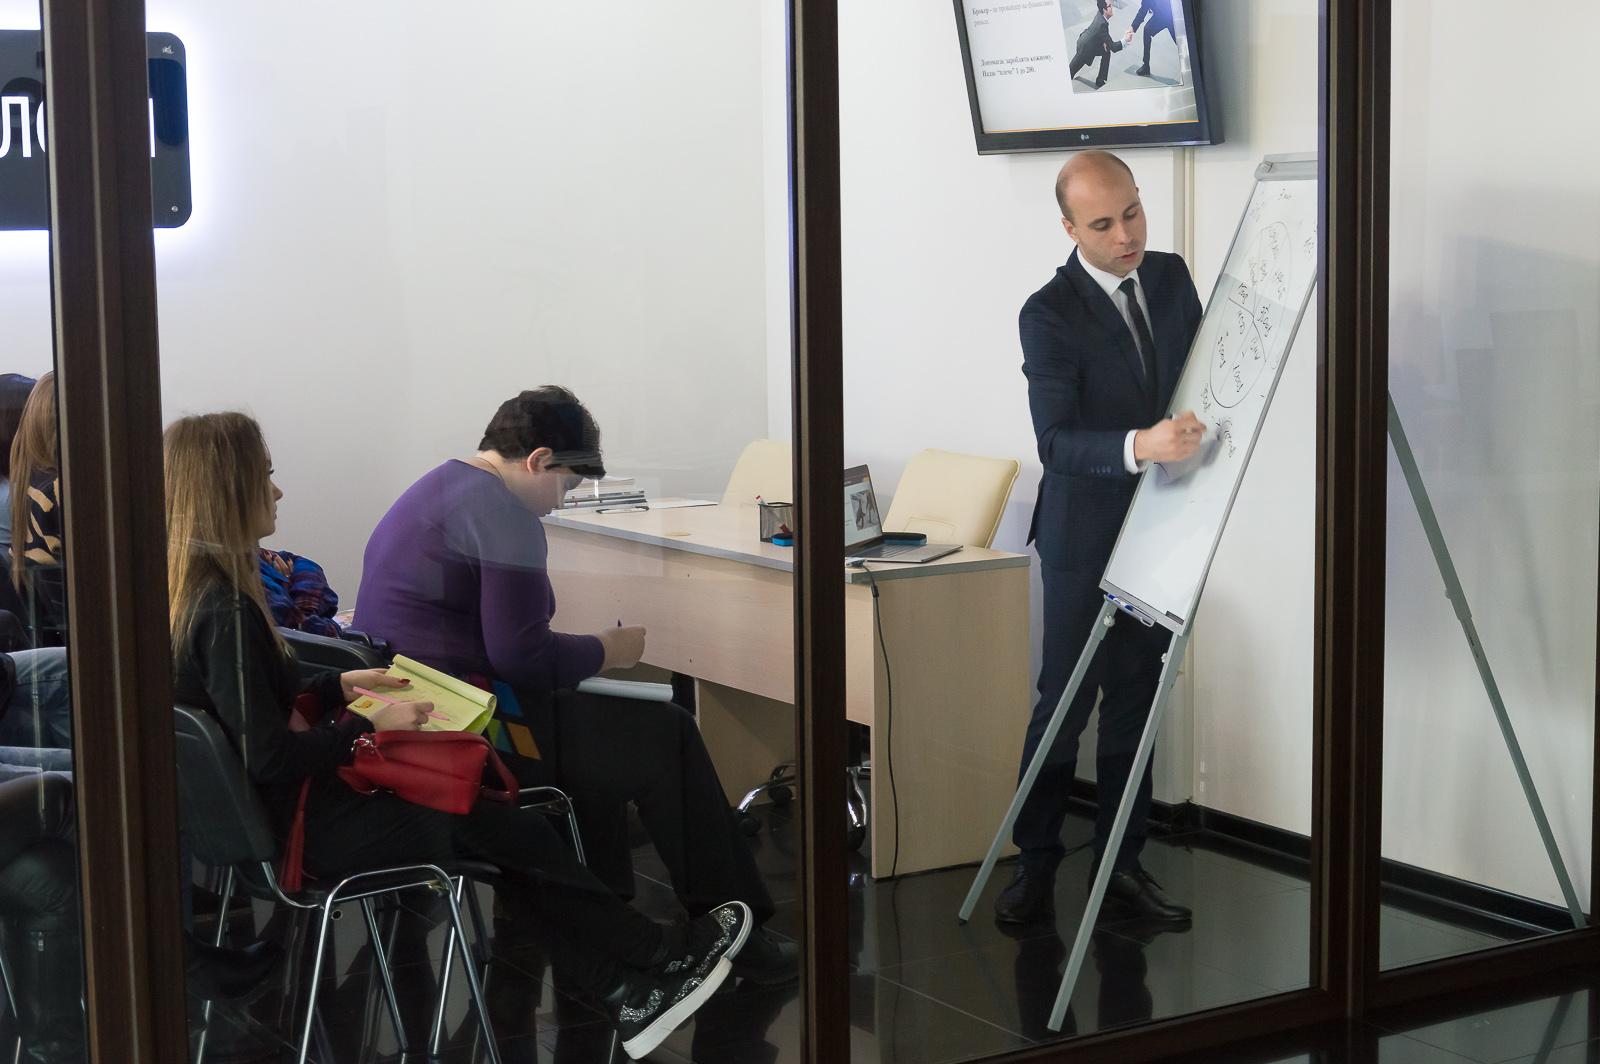 """Лекцию """"Финансовые рынки и основы биржевых технологий"""" в Черновцах посетили студенты и преподаватели МАУП - 12 фото"""